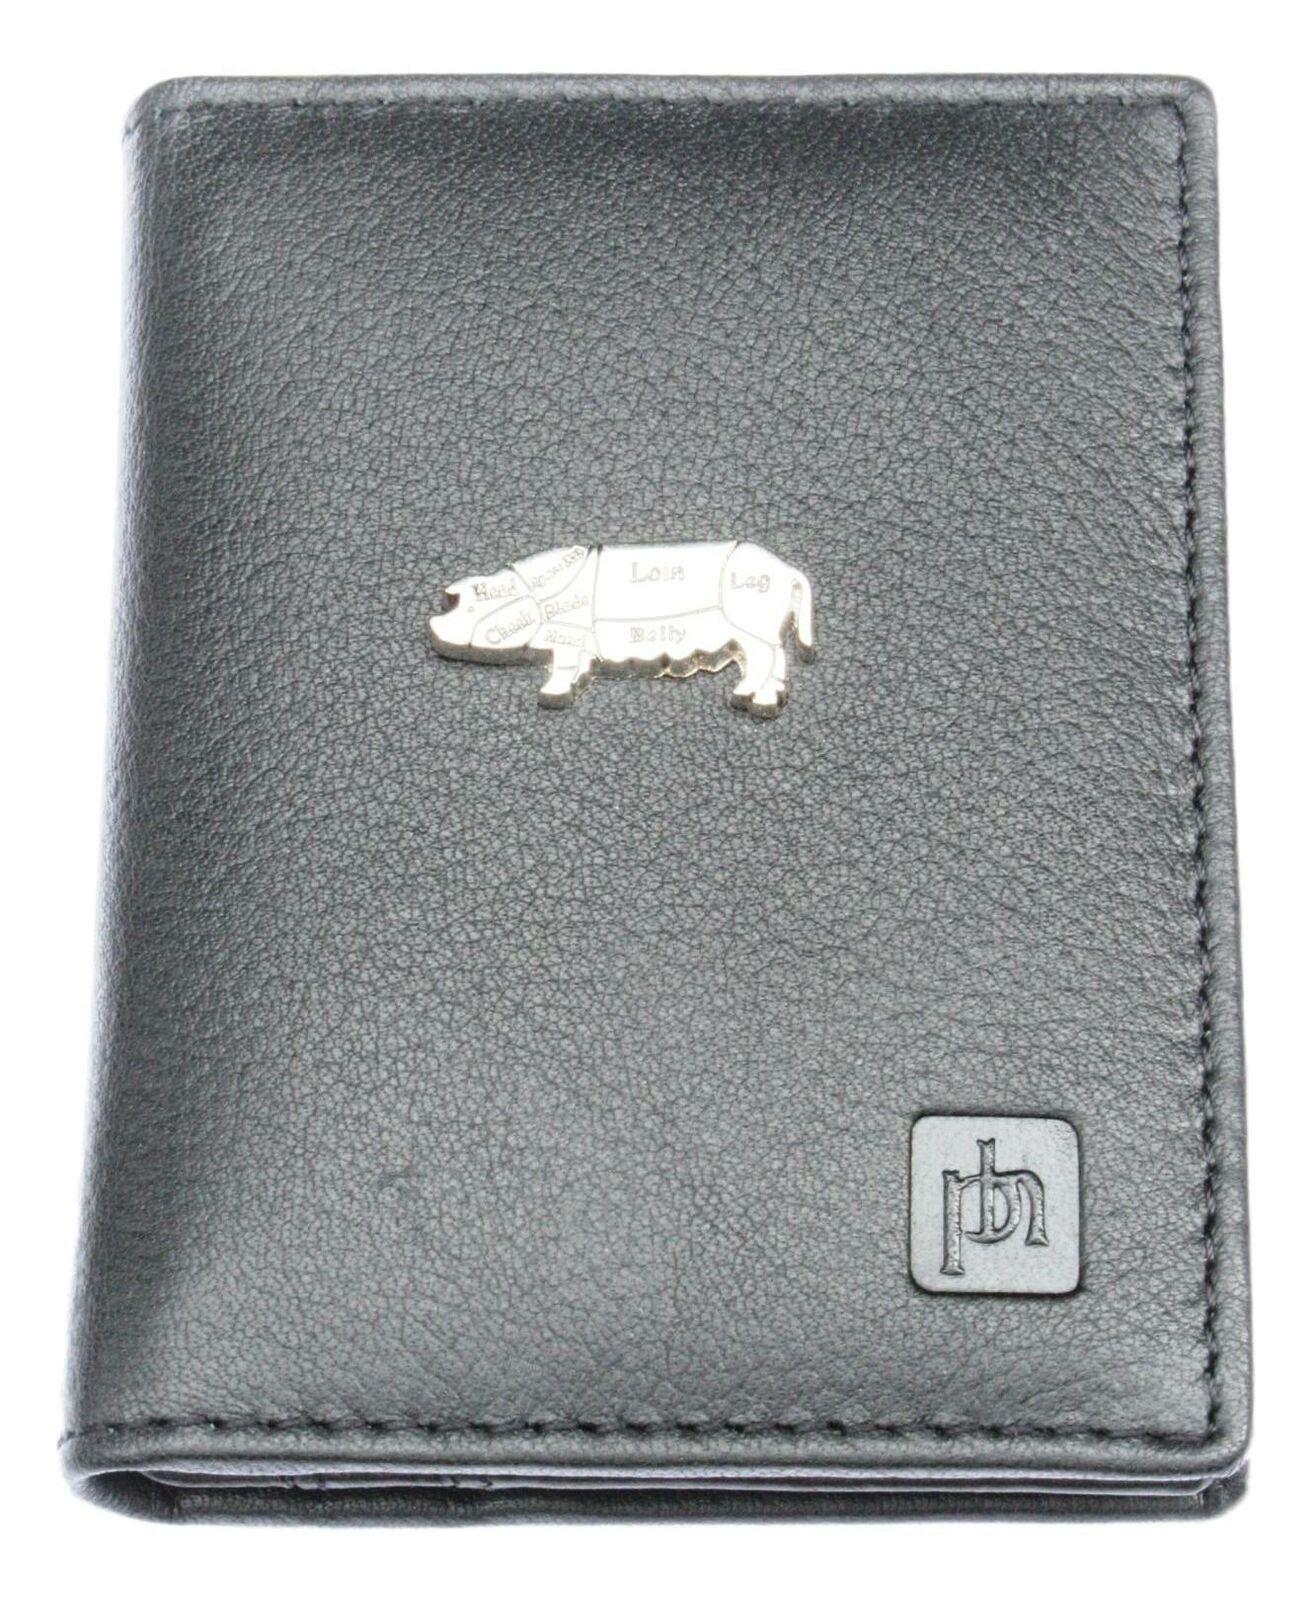 Butcher Pig Bifold Card Holder Leather Black Wallet RFID Safe 49